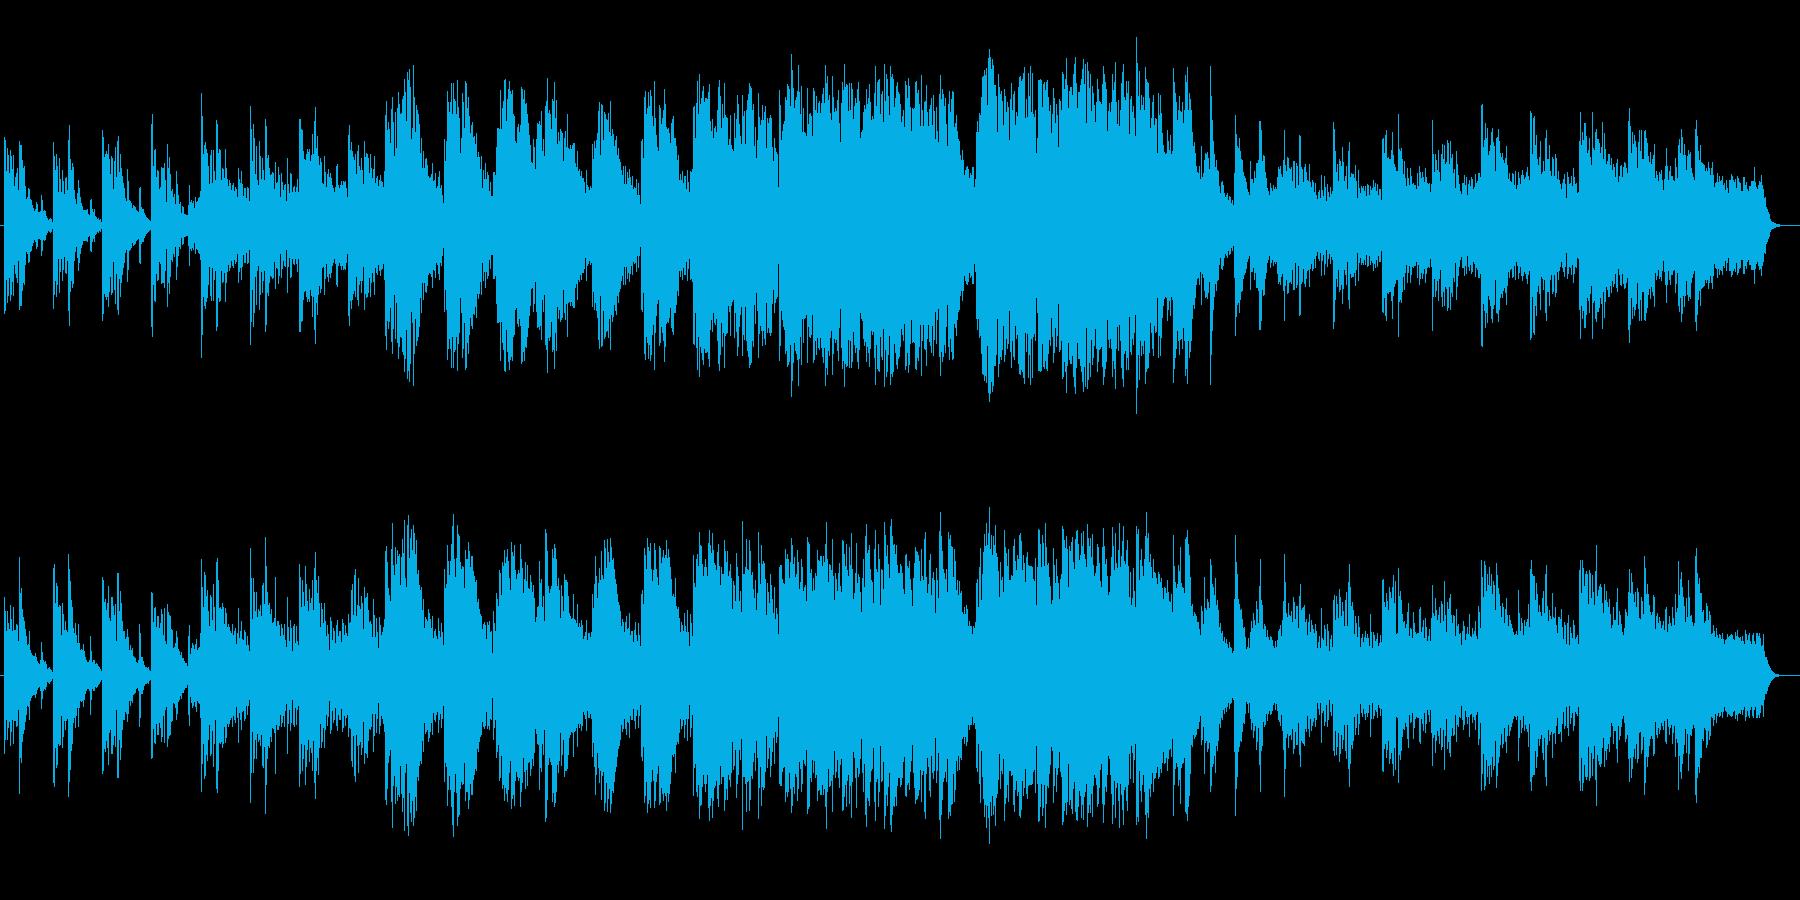 切ないバラードのようなBGMの再生済みの波形